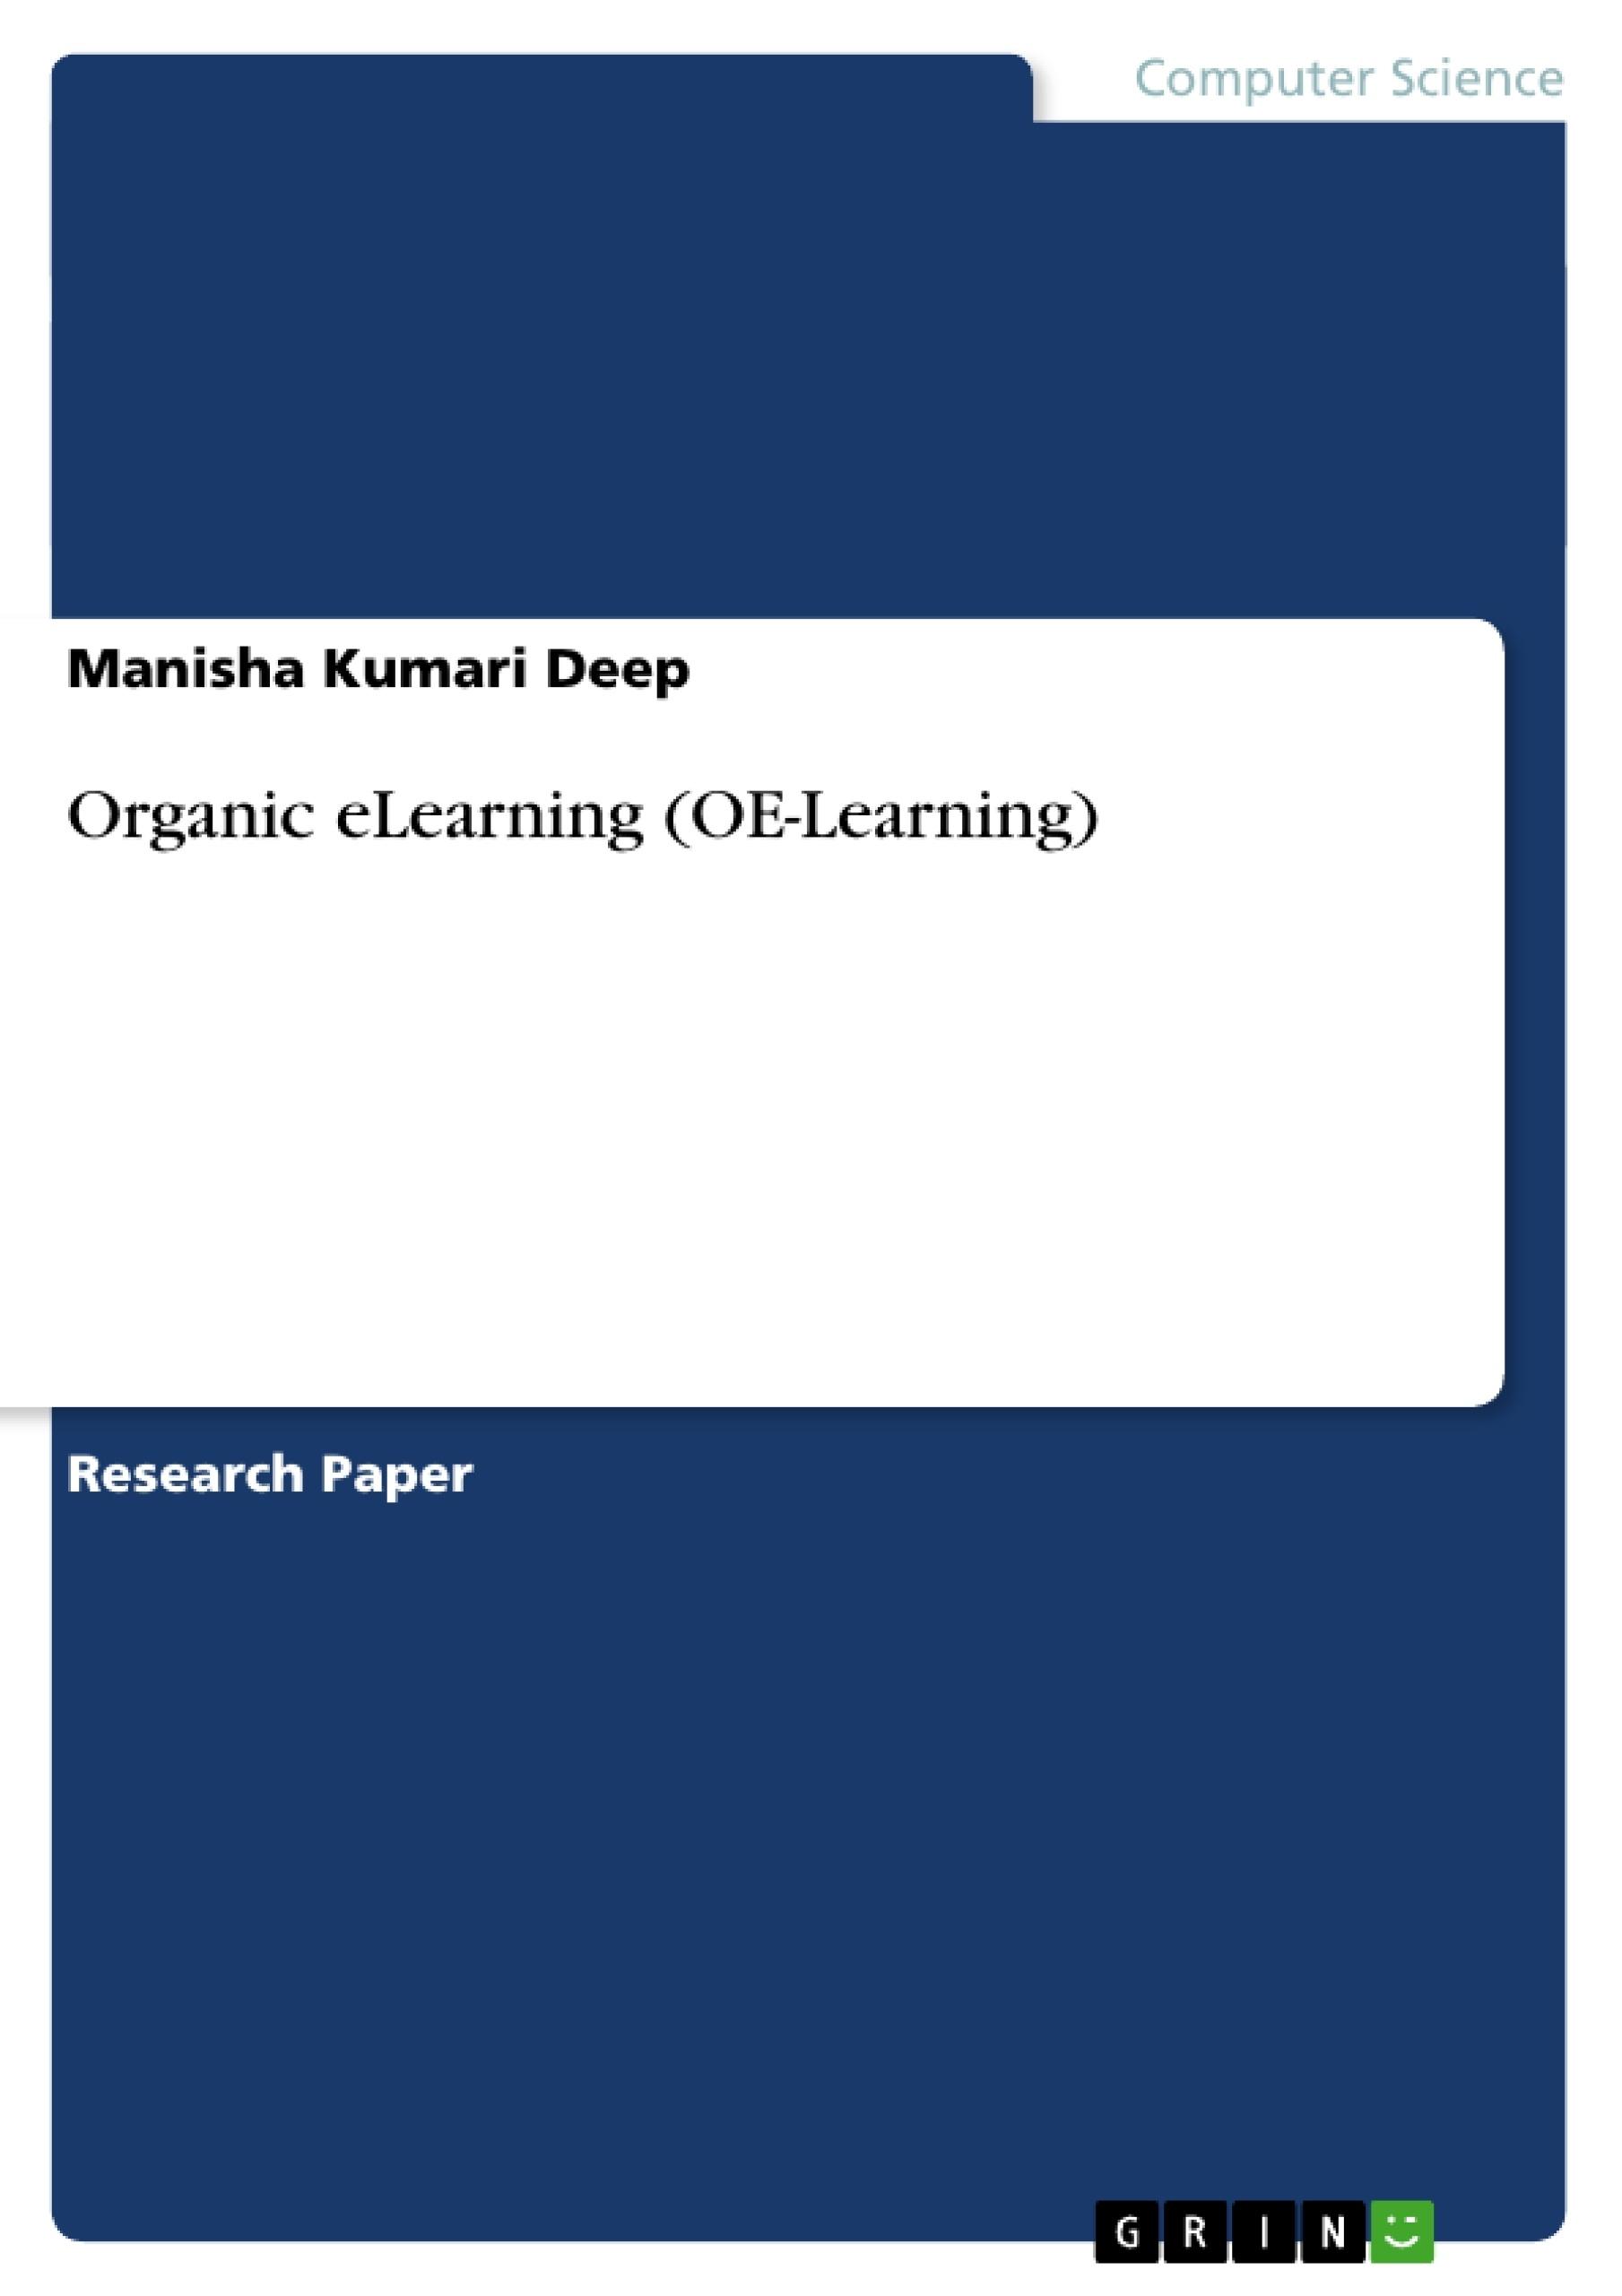 Title: Organic eLearning (OE-Learning)